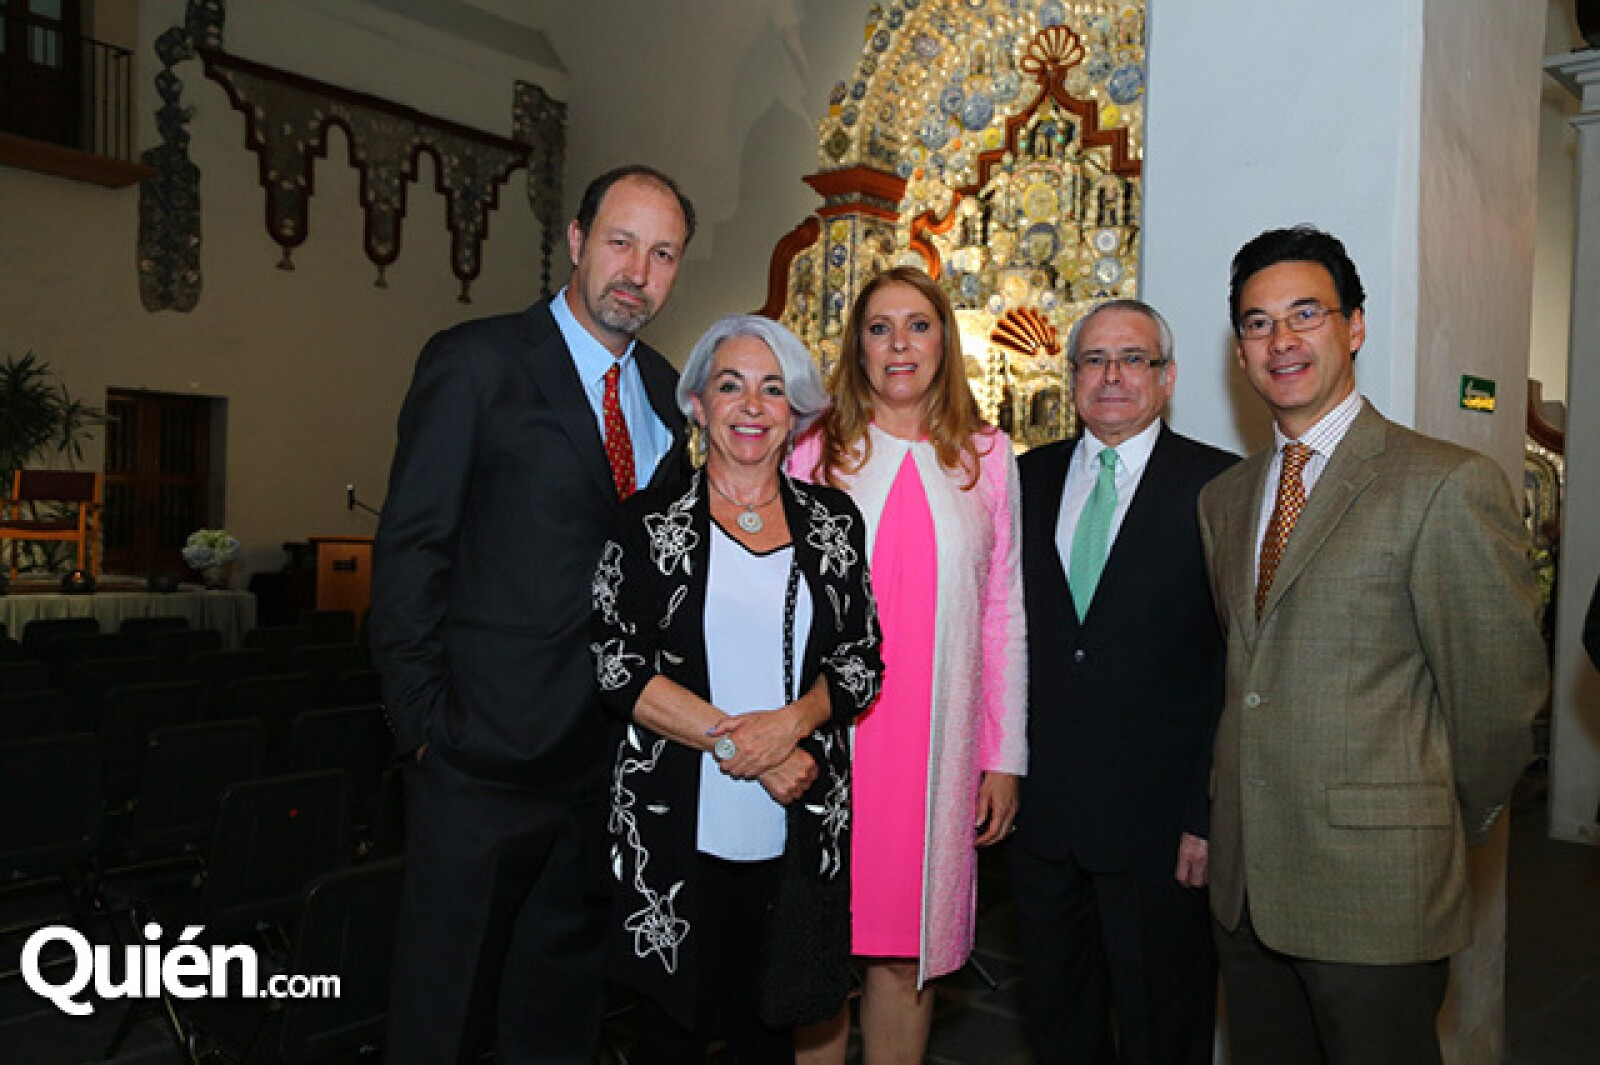 Rodrigo Murray, Tessy Massieu, Margie Ortiz, Ricardo Ramírez y Adolfo Alaniz